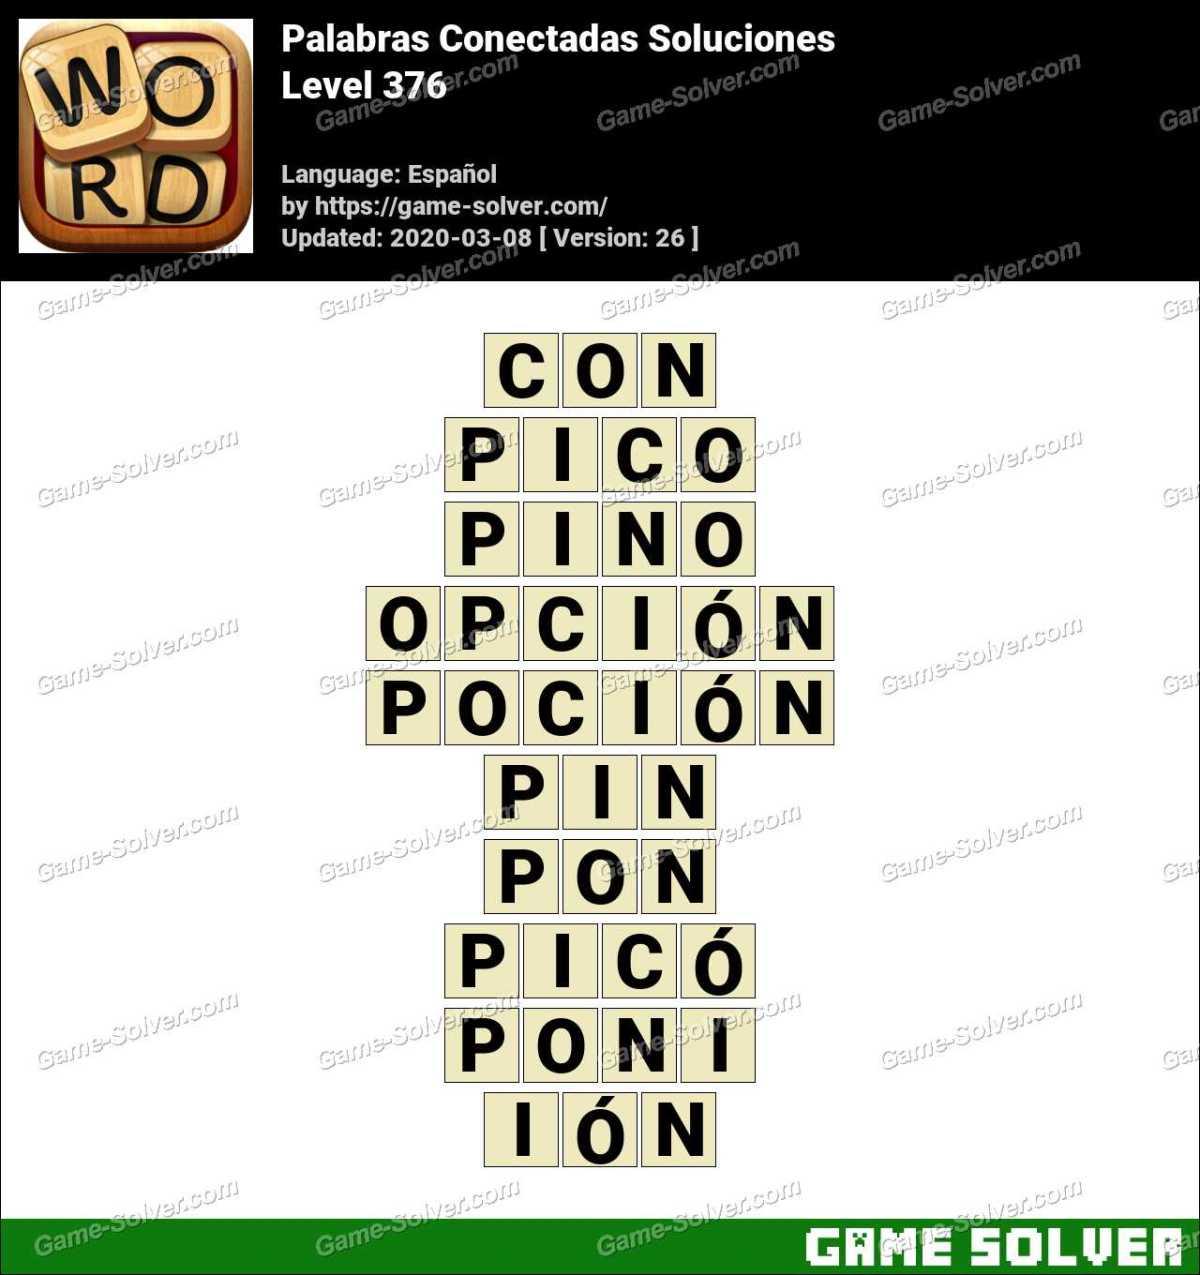 Palabras Conectadas Nivel 376 Soluciones